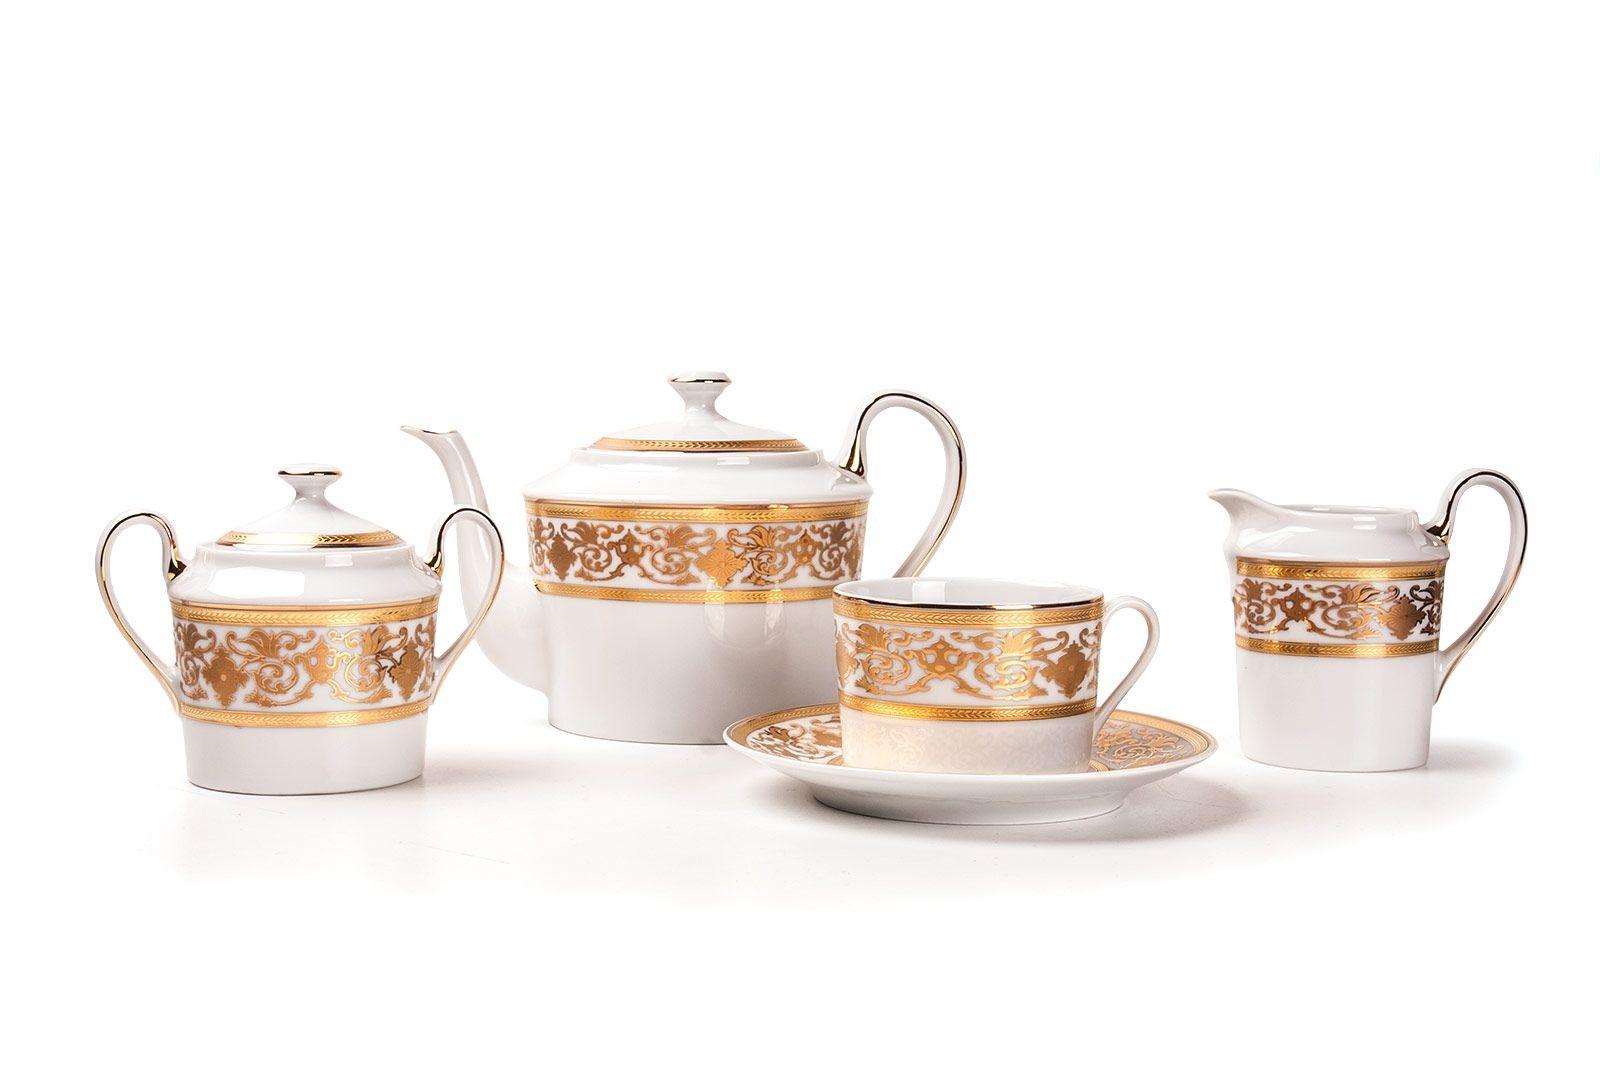 Фарфоровый чайный сервиз на 6 персон RAMSES OR MIMOSA